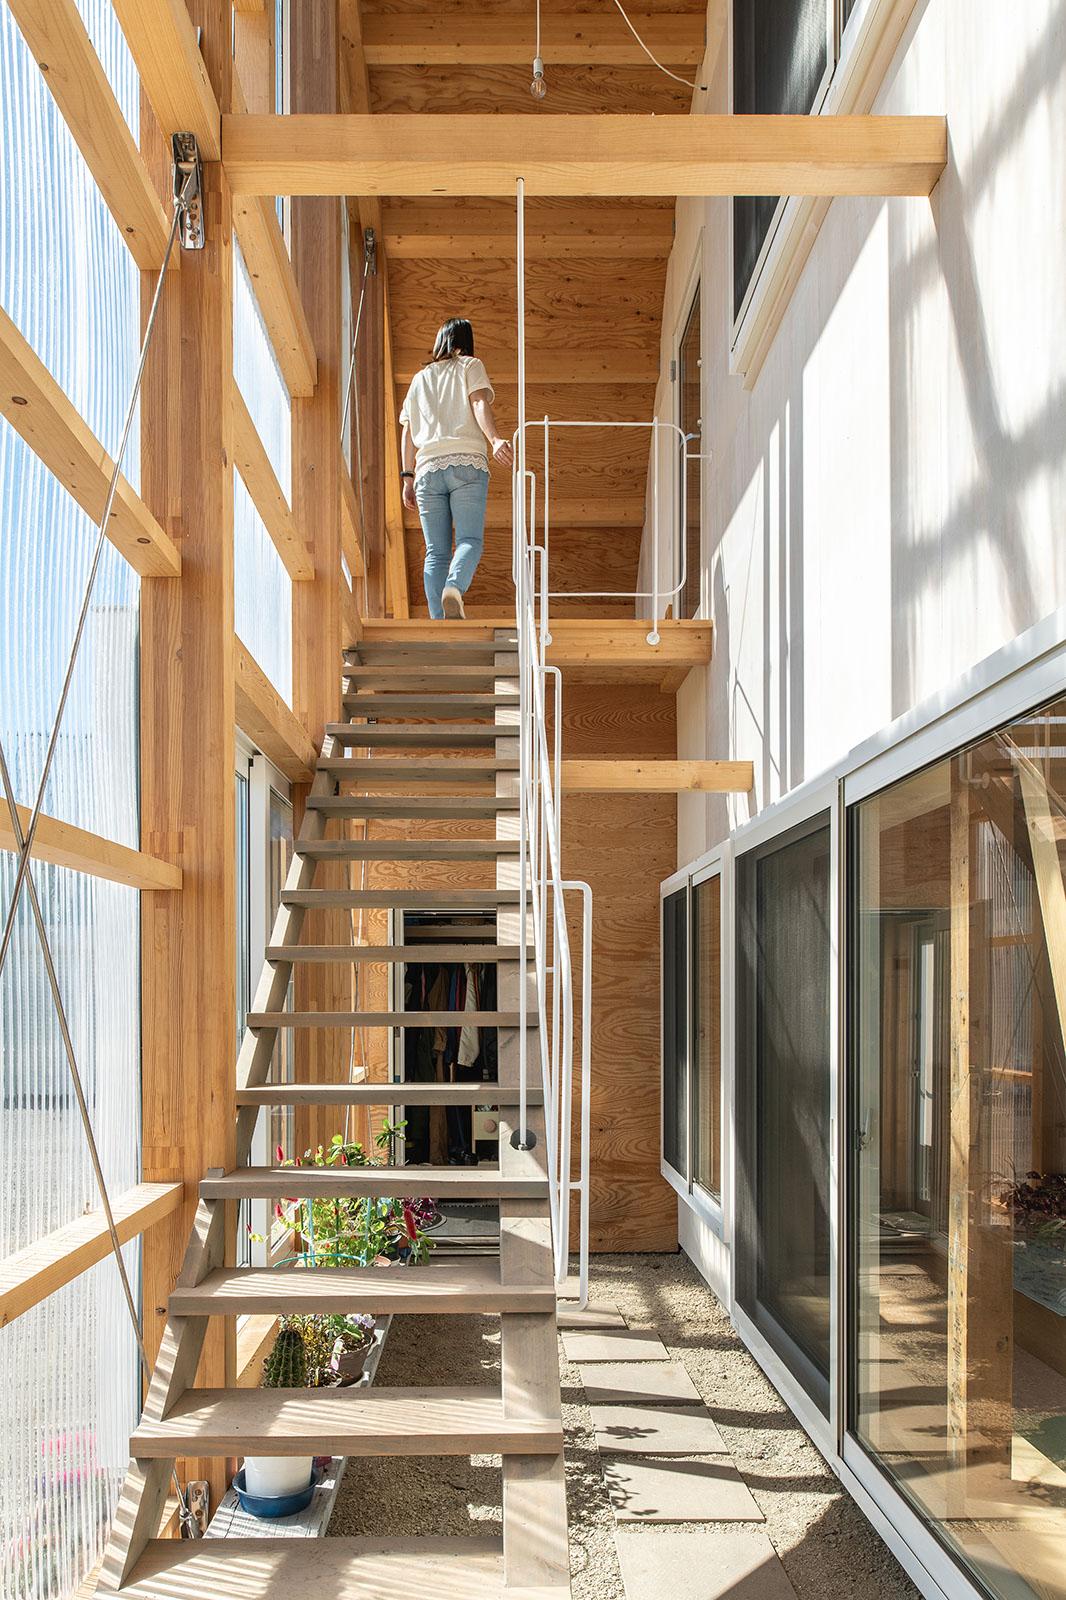 増築された半屋外空間は風除室、テラス、アクセス空間、農家玄関を兼ねる多目的空間。風除室から延びる階段を上ると、子世帯の生活エリア